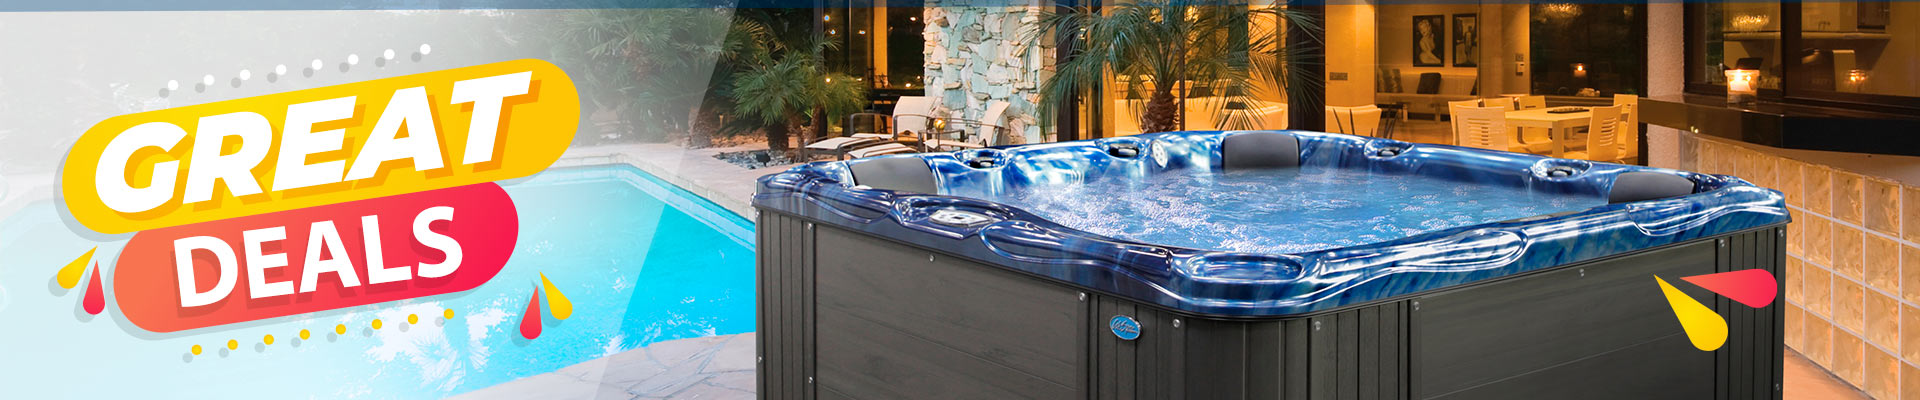 Hot Tub Sales Great Deals